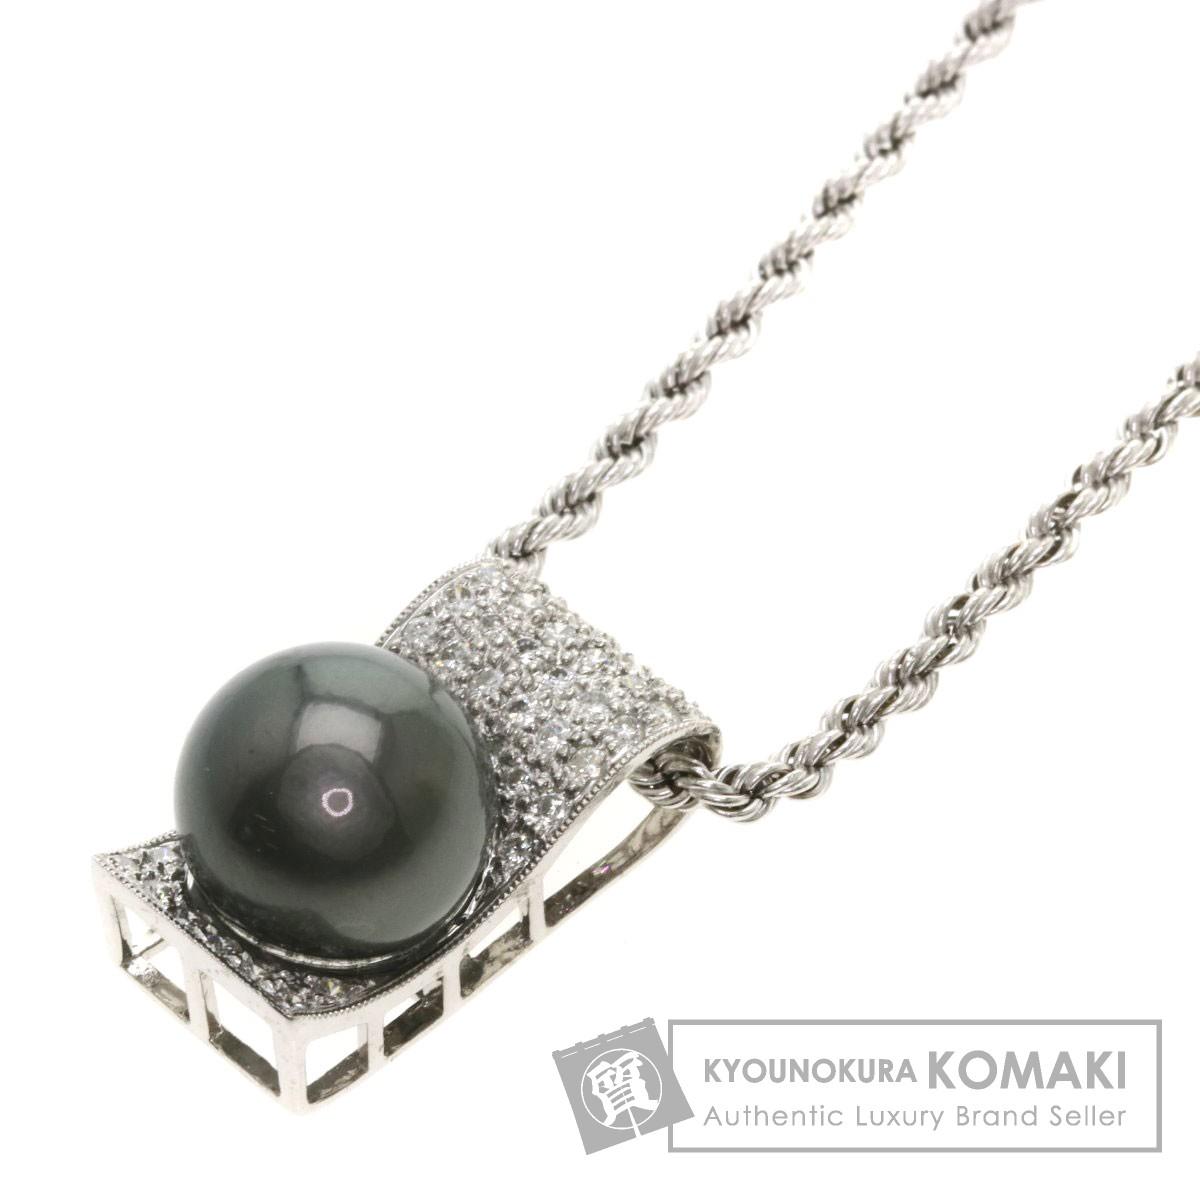 高品質 10.5ct ブラックパール 真珠 ダイヤモンド ネックレス K18ホワイトゴールド 7.3g レディース 【】, 遊太郎 36ce7bdf